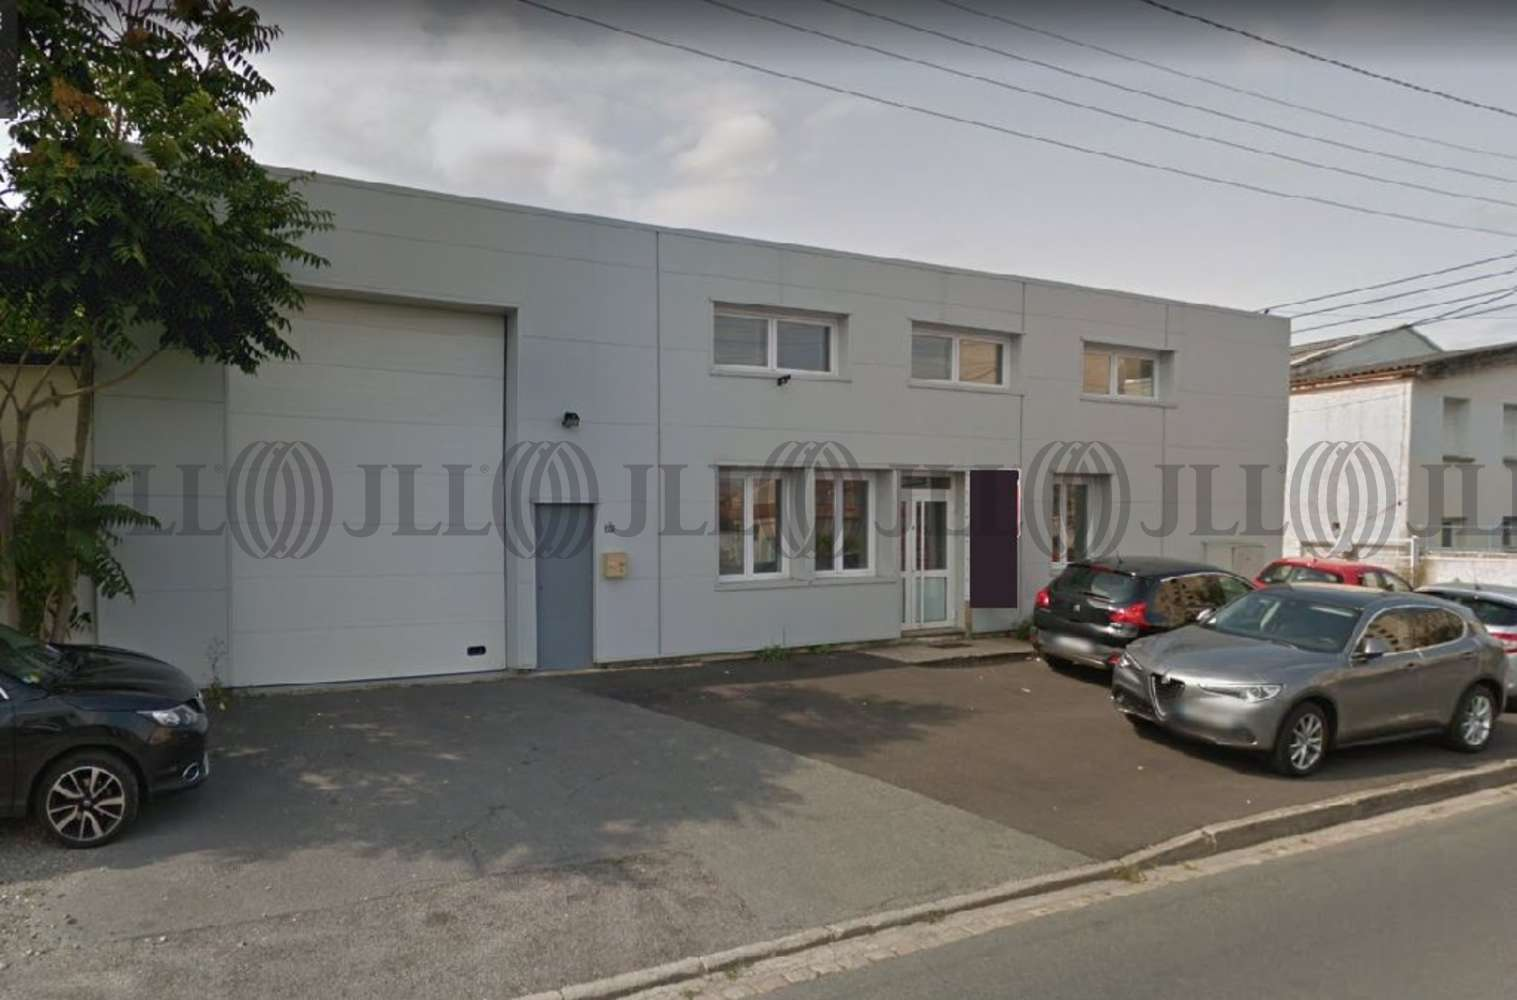 Activités/entrepôt Villefranche sur saone, 69400 - 452 RUE PAUL CLAUDEL